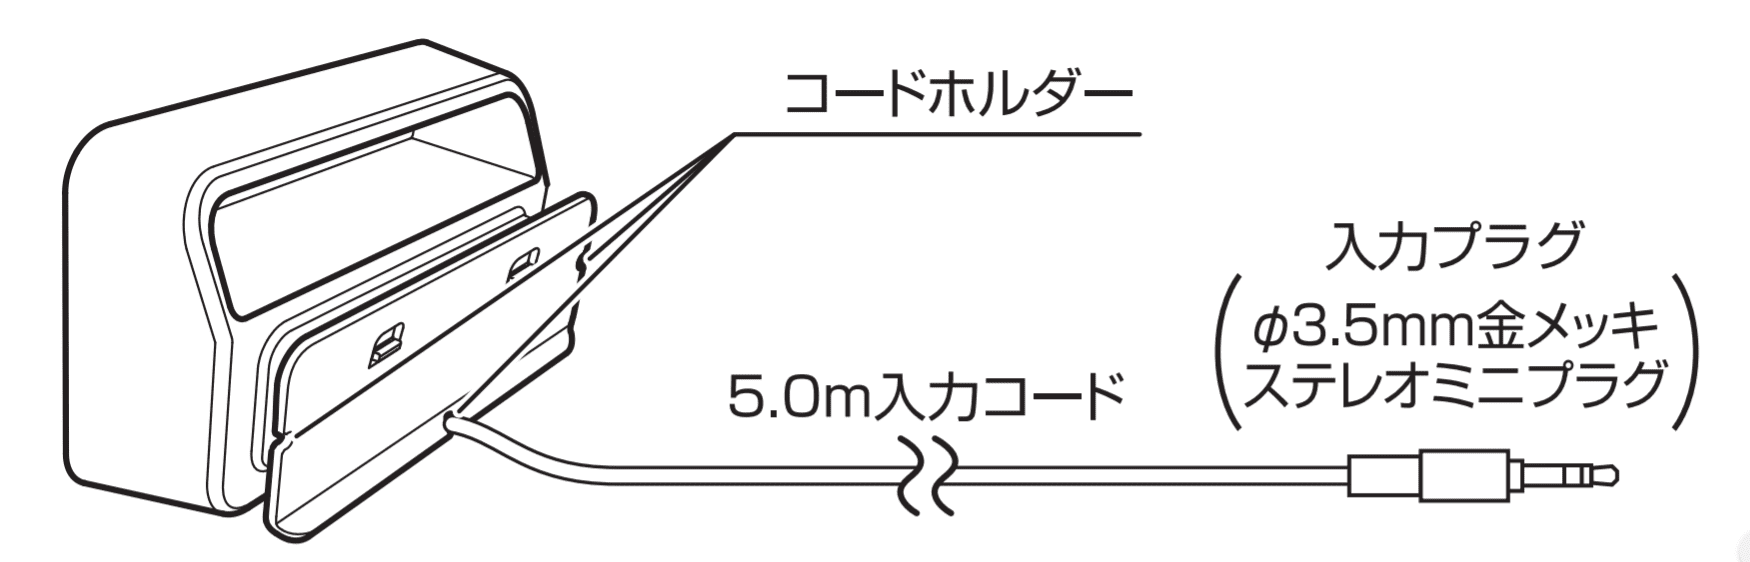 オーディオテクニカ AT-SP230TV コード巻取り